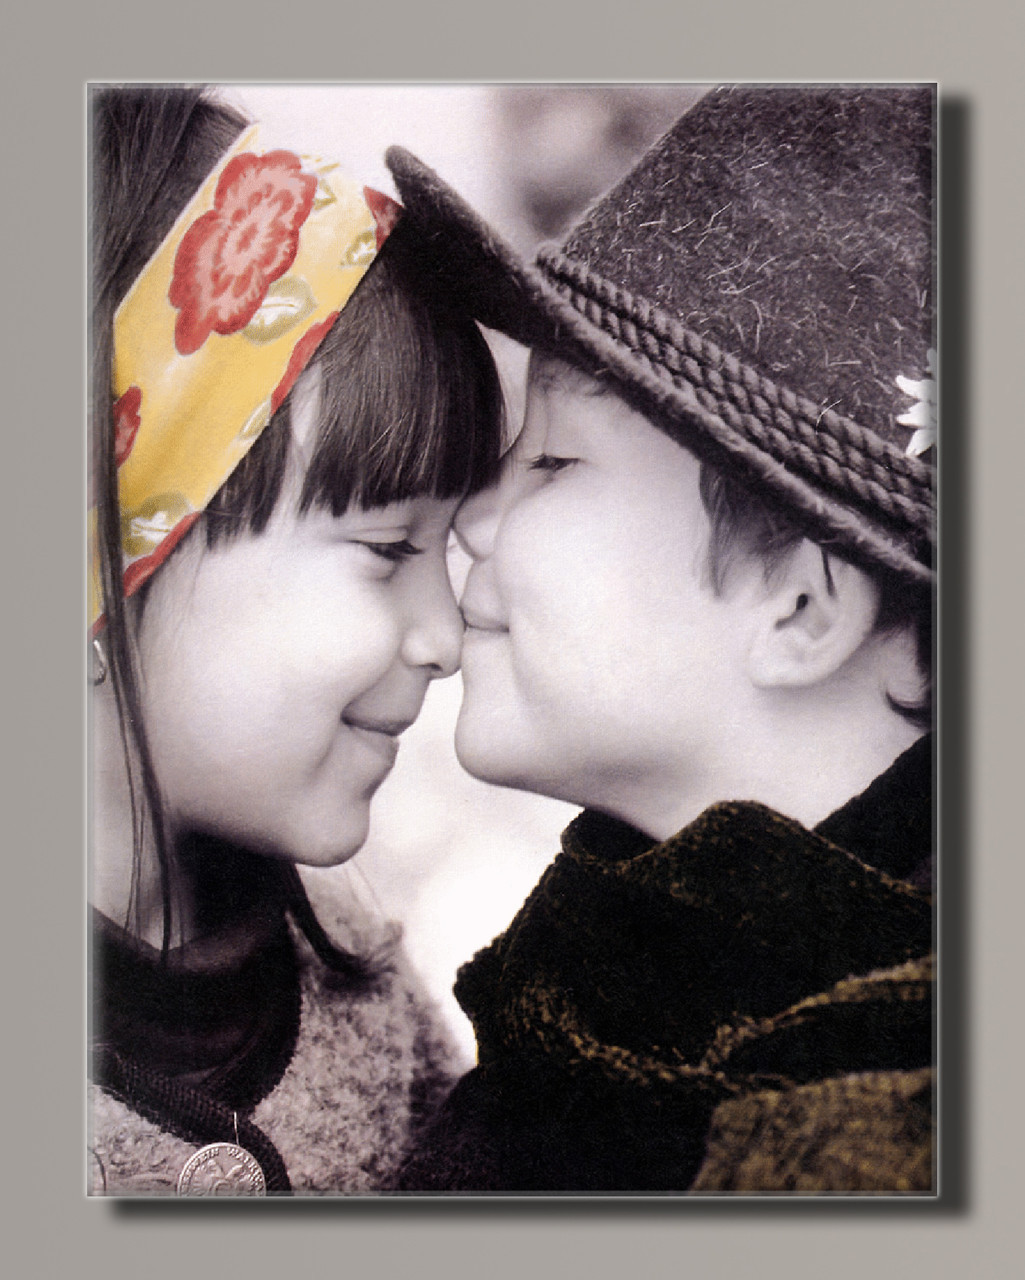 Картина HolstArt Діти від Kim Anderson 28 42*55 см арт.HAS-443